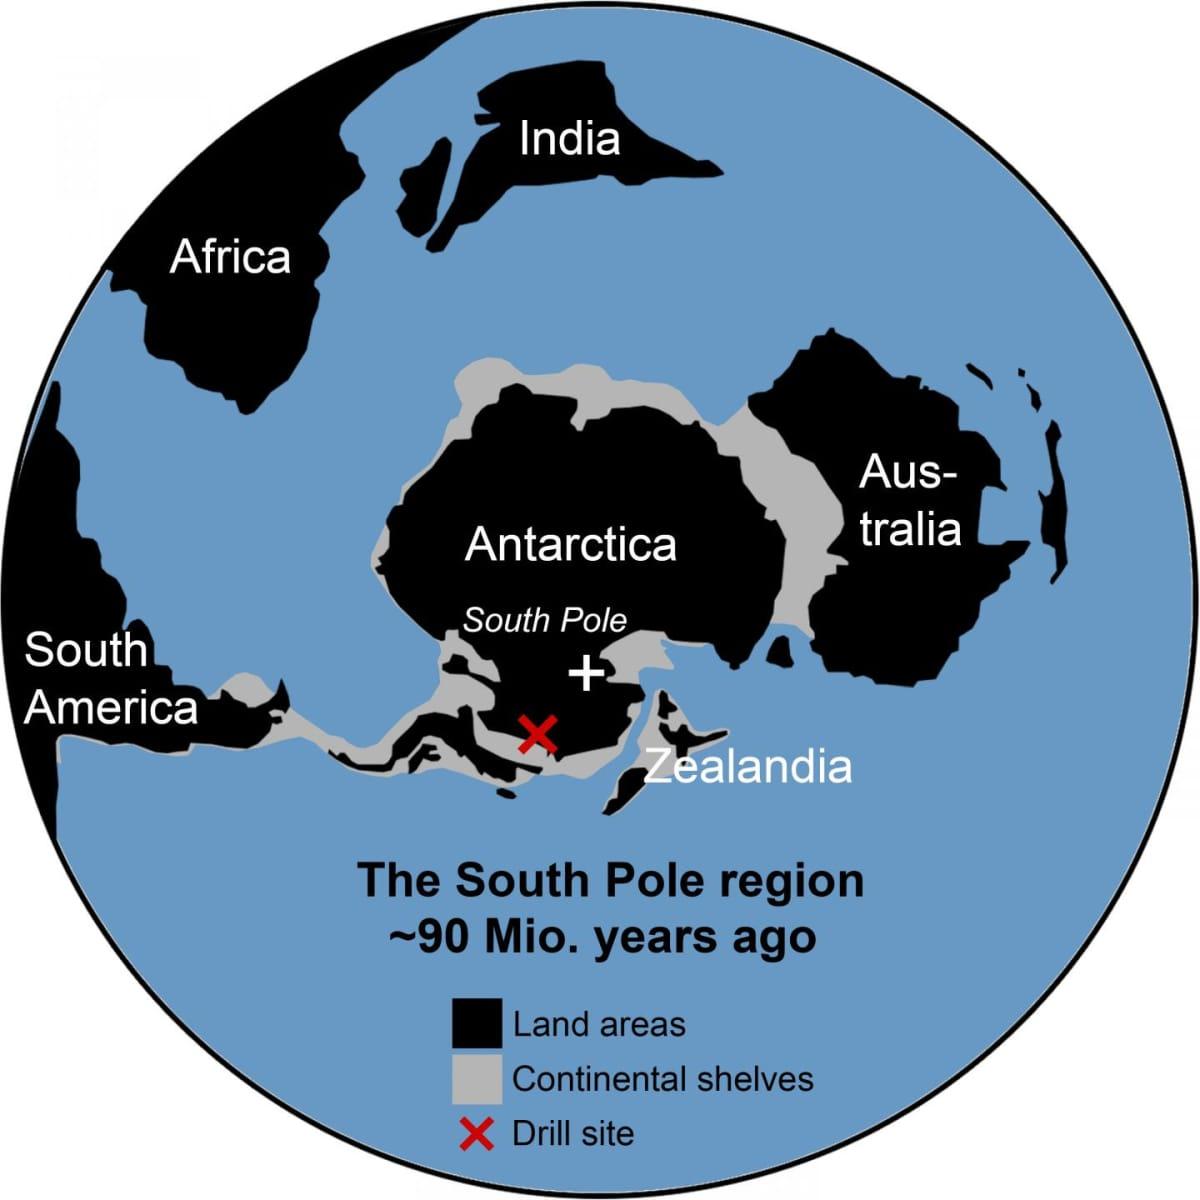 Kartta, jonka keskellä on Etelämanner ja laidoilla näkyvät myös Australia, Intia ja osa Afrikkaa ja Etelä-Amerikkaa sellaisina kuin ne olivat 90 miljoonaa vuotta sitten.